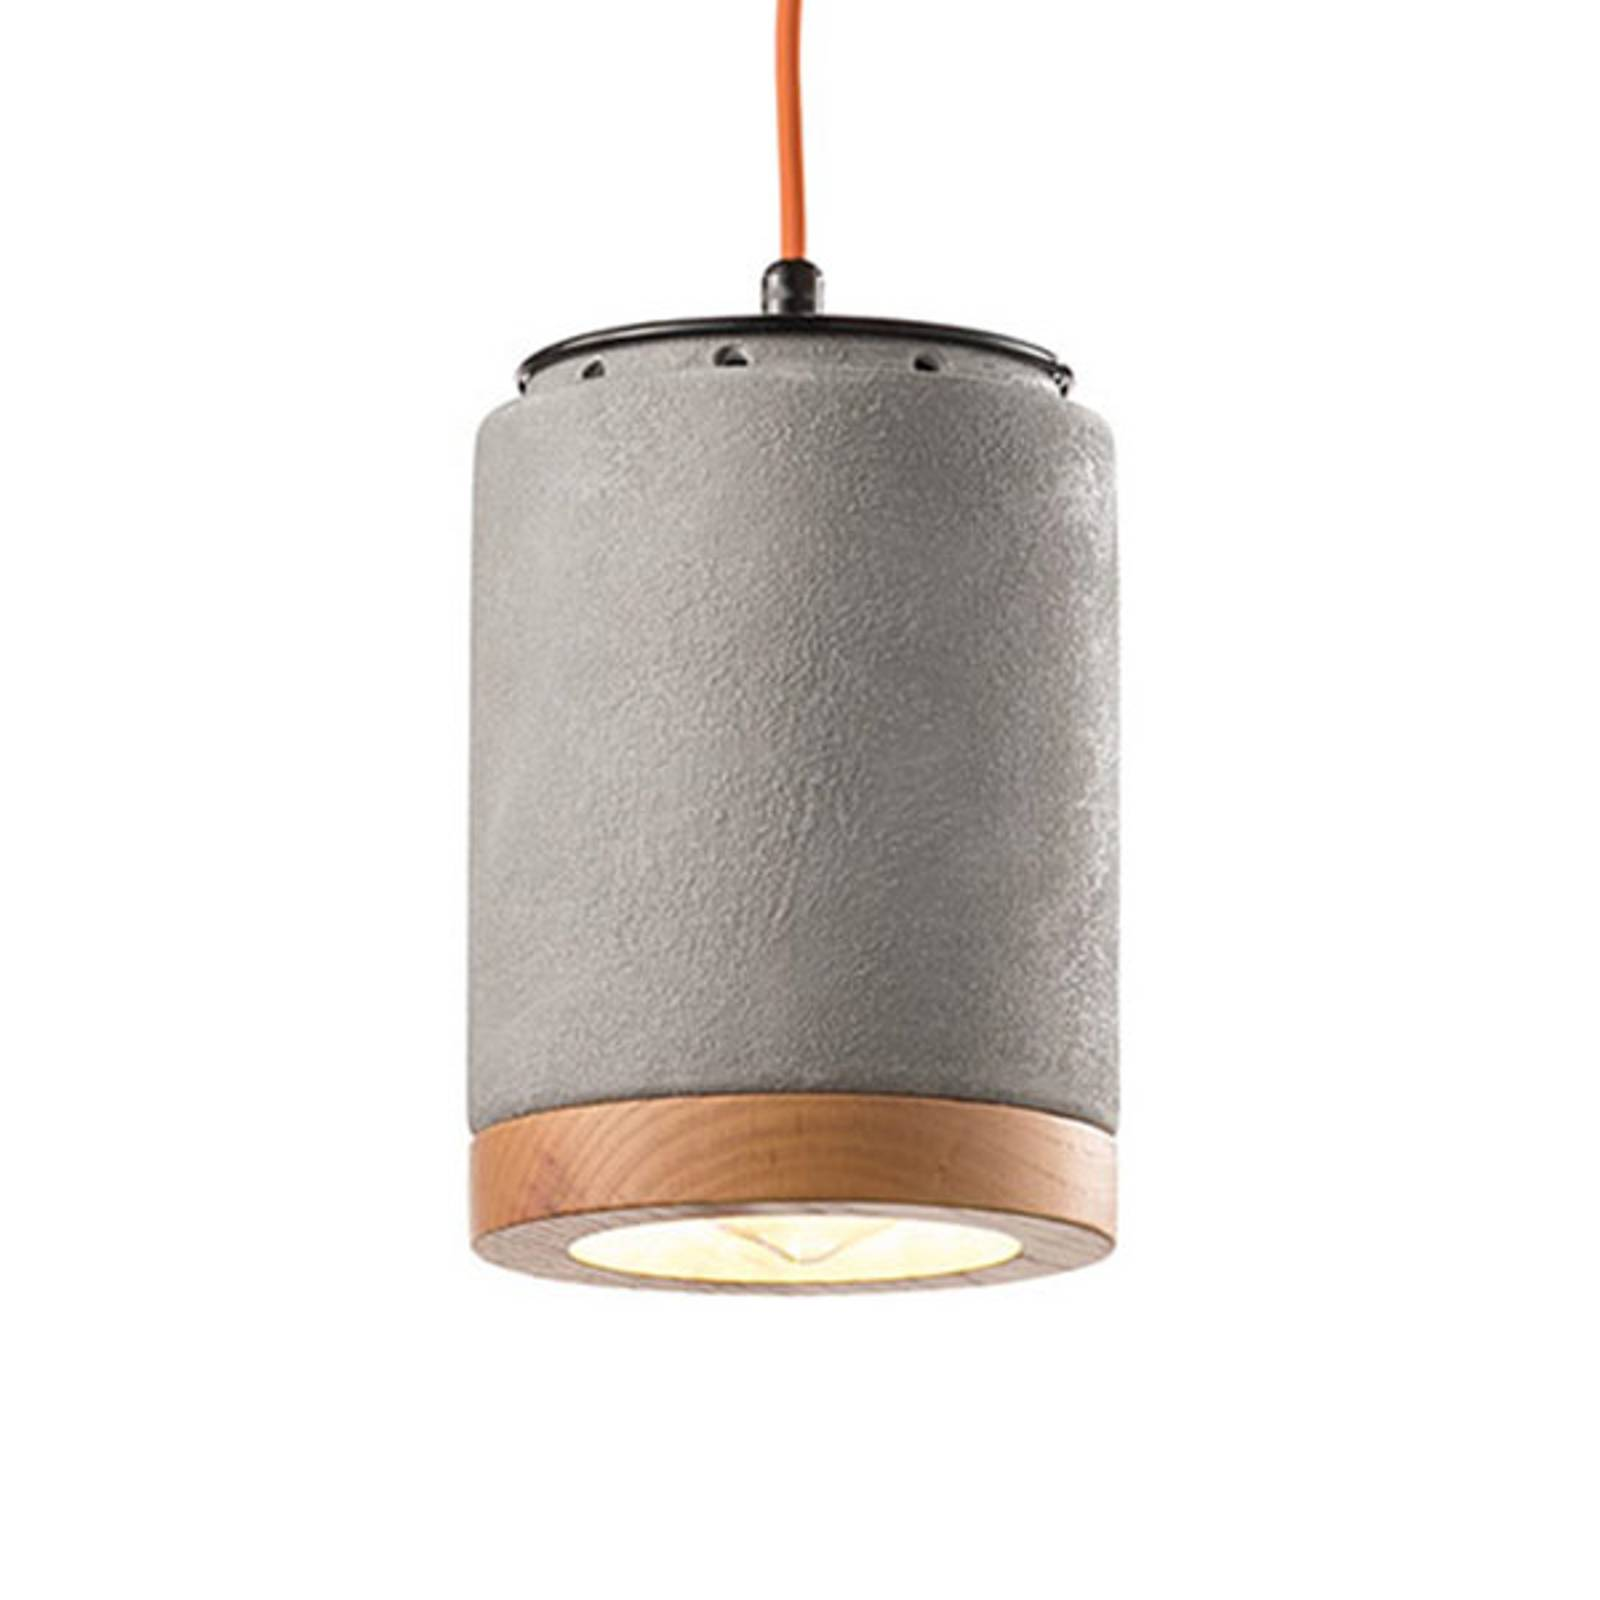 Hanglamp C988 in Scandinavische stijl cement